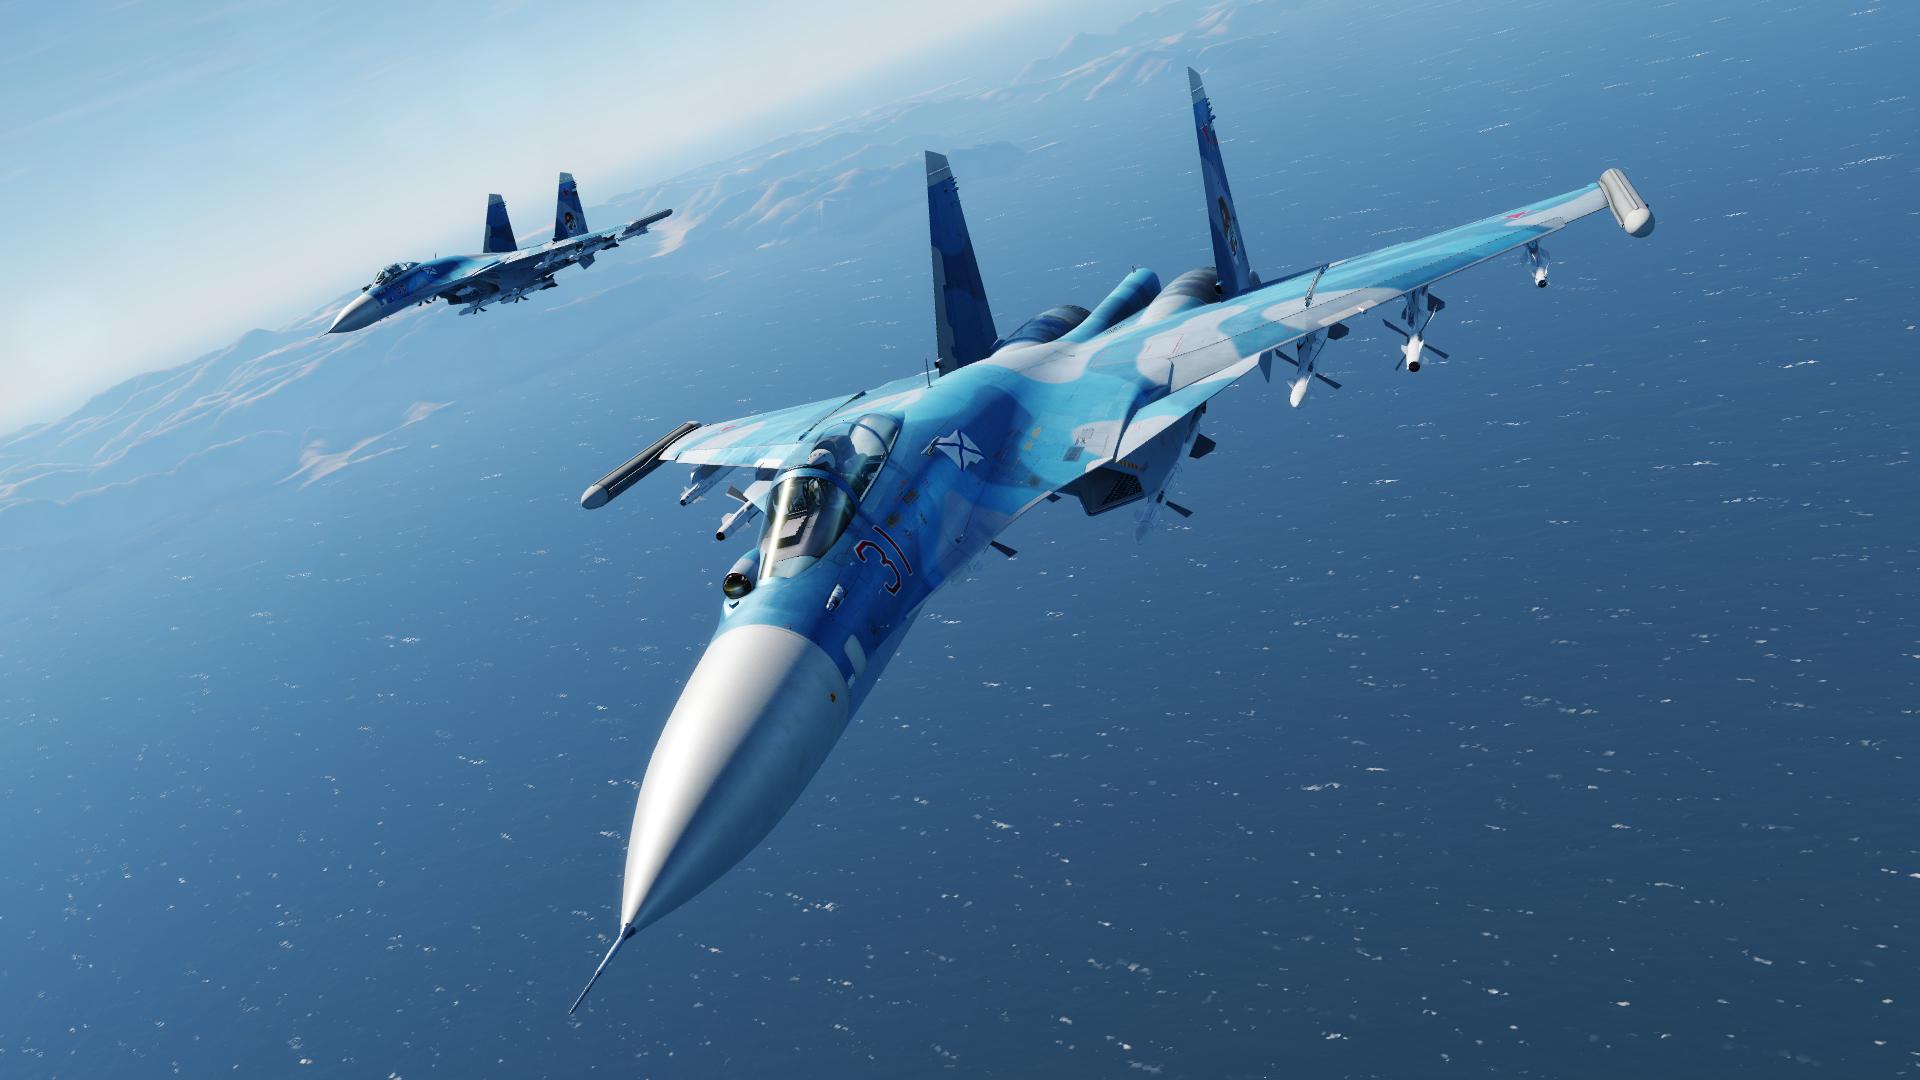 اخبار سبقت خطرناک جنگنده روسی از هواپیمای آمریکایی بر فراز دریای سیاه